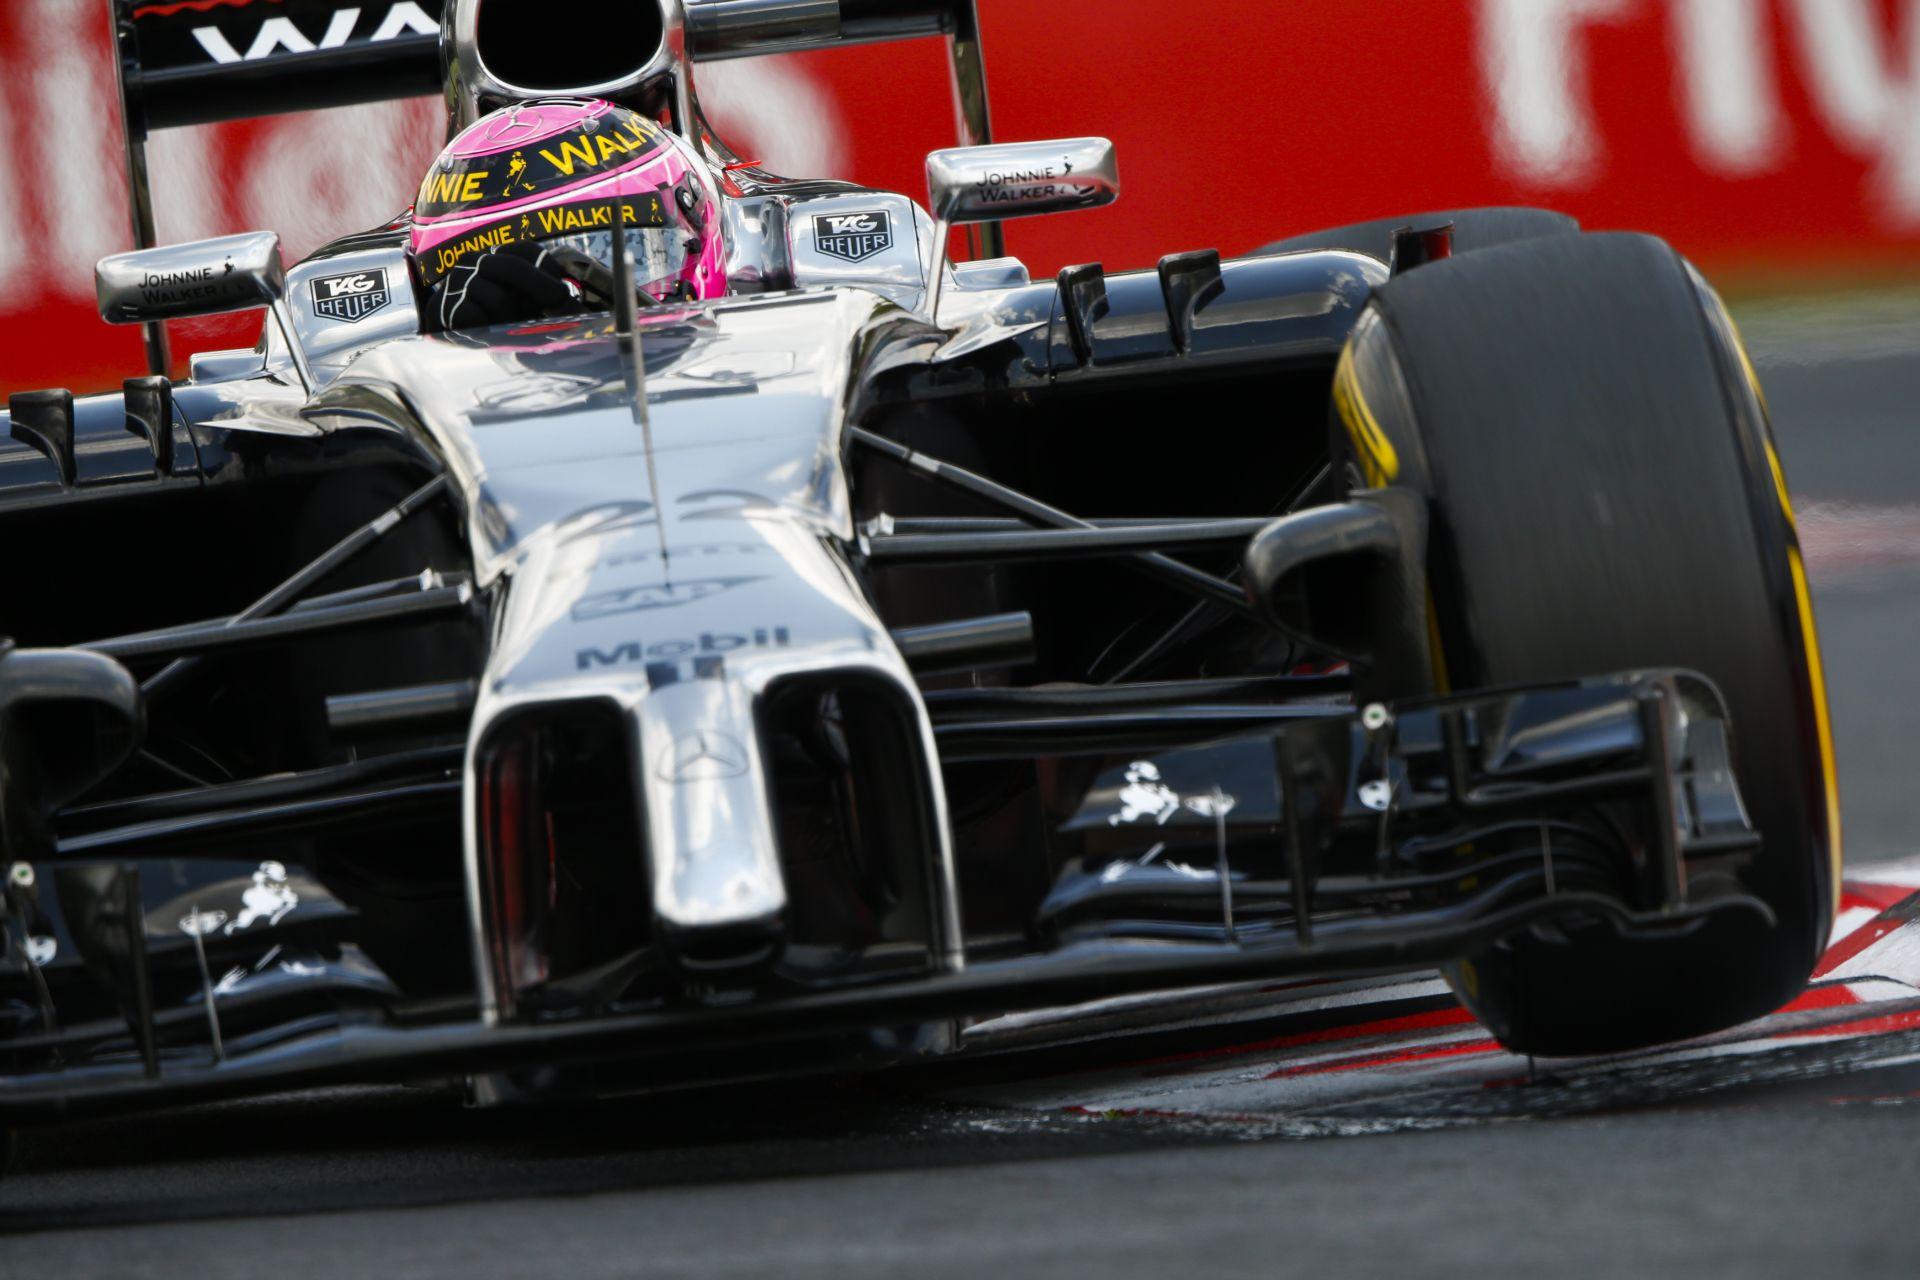 Hatalmas költségvetés a McLaren-Hondánál jövőre? A pénz nem számít!